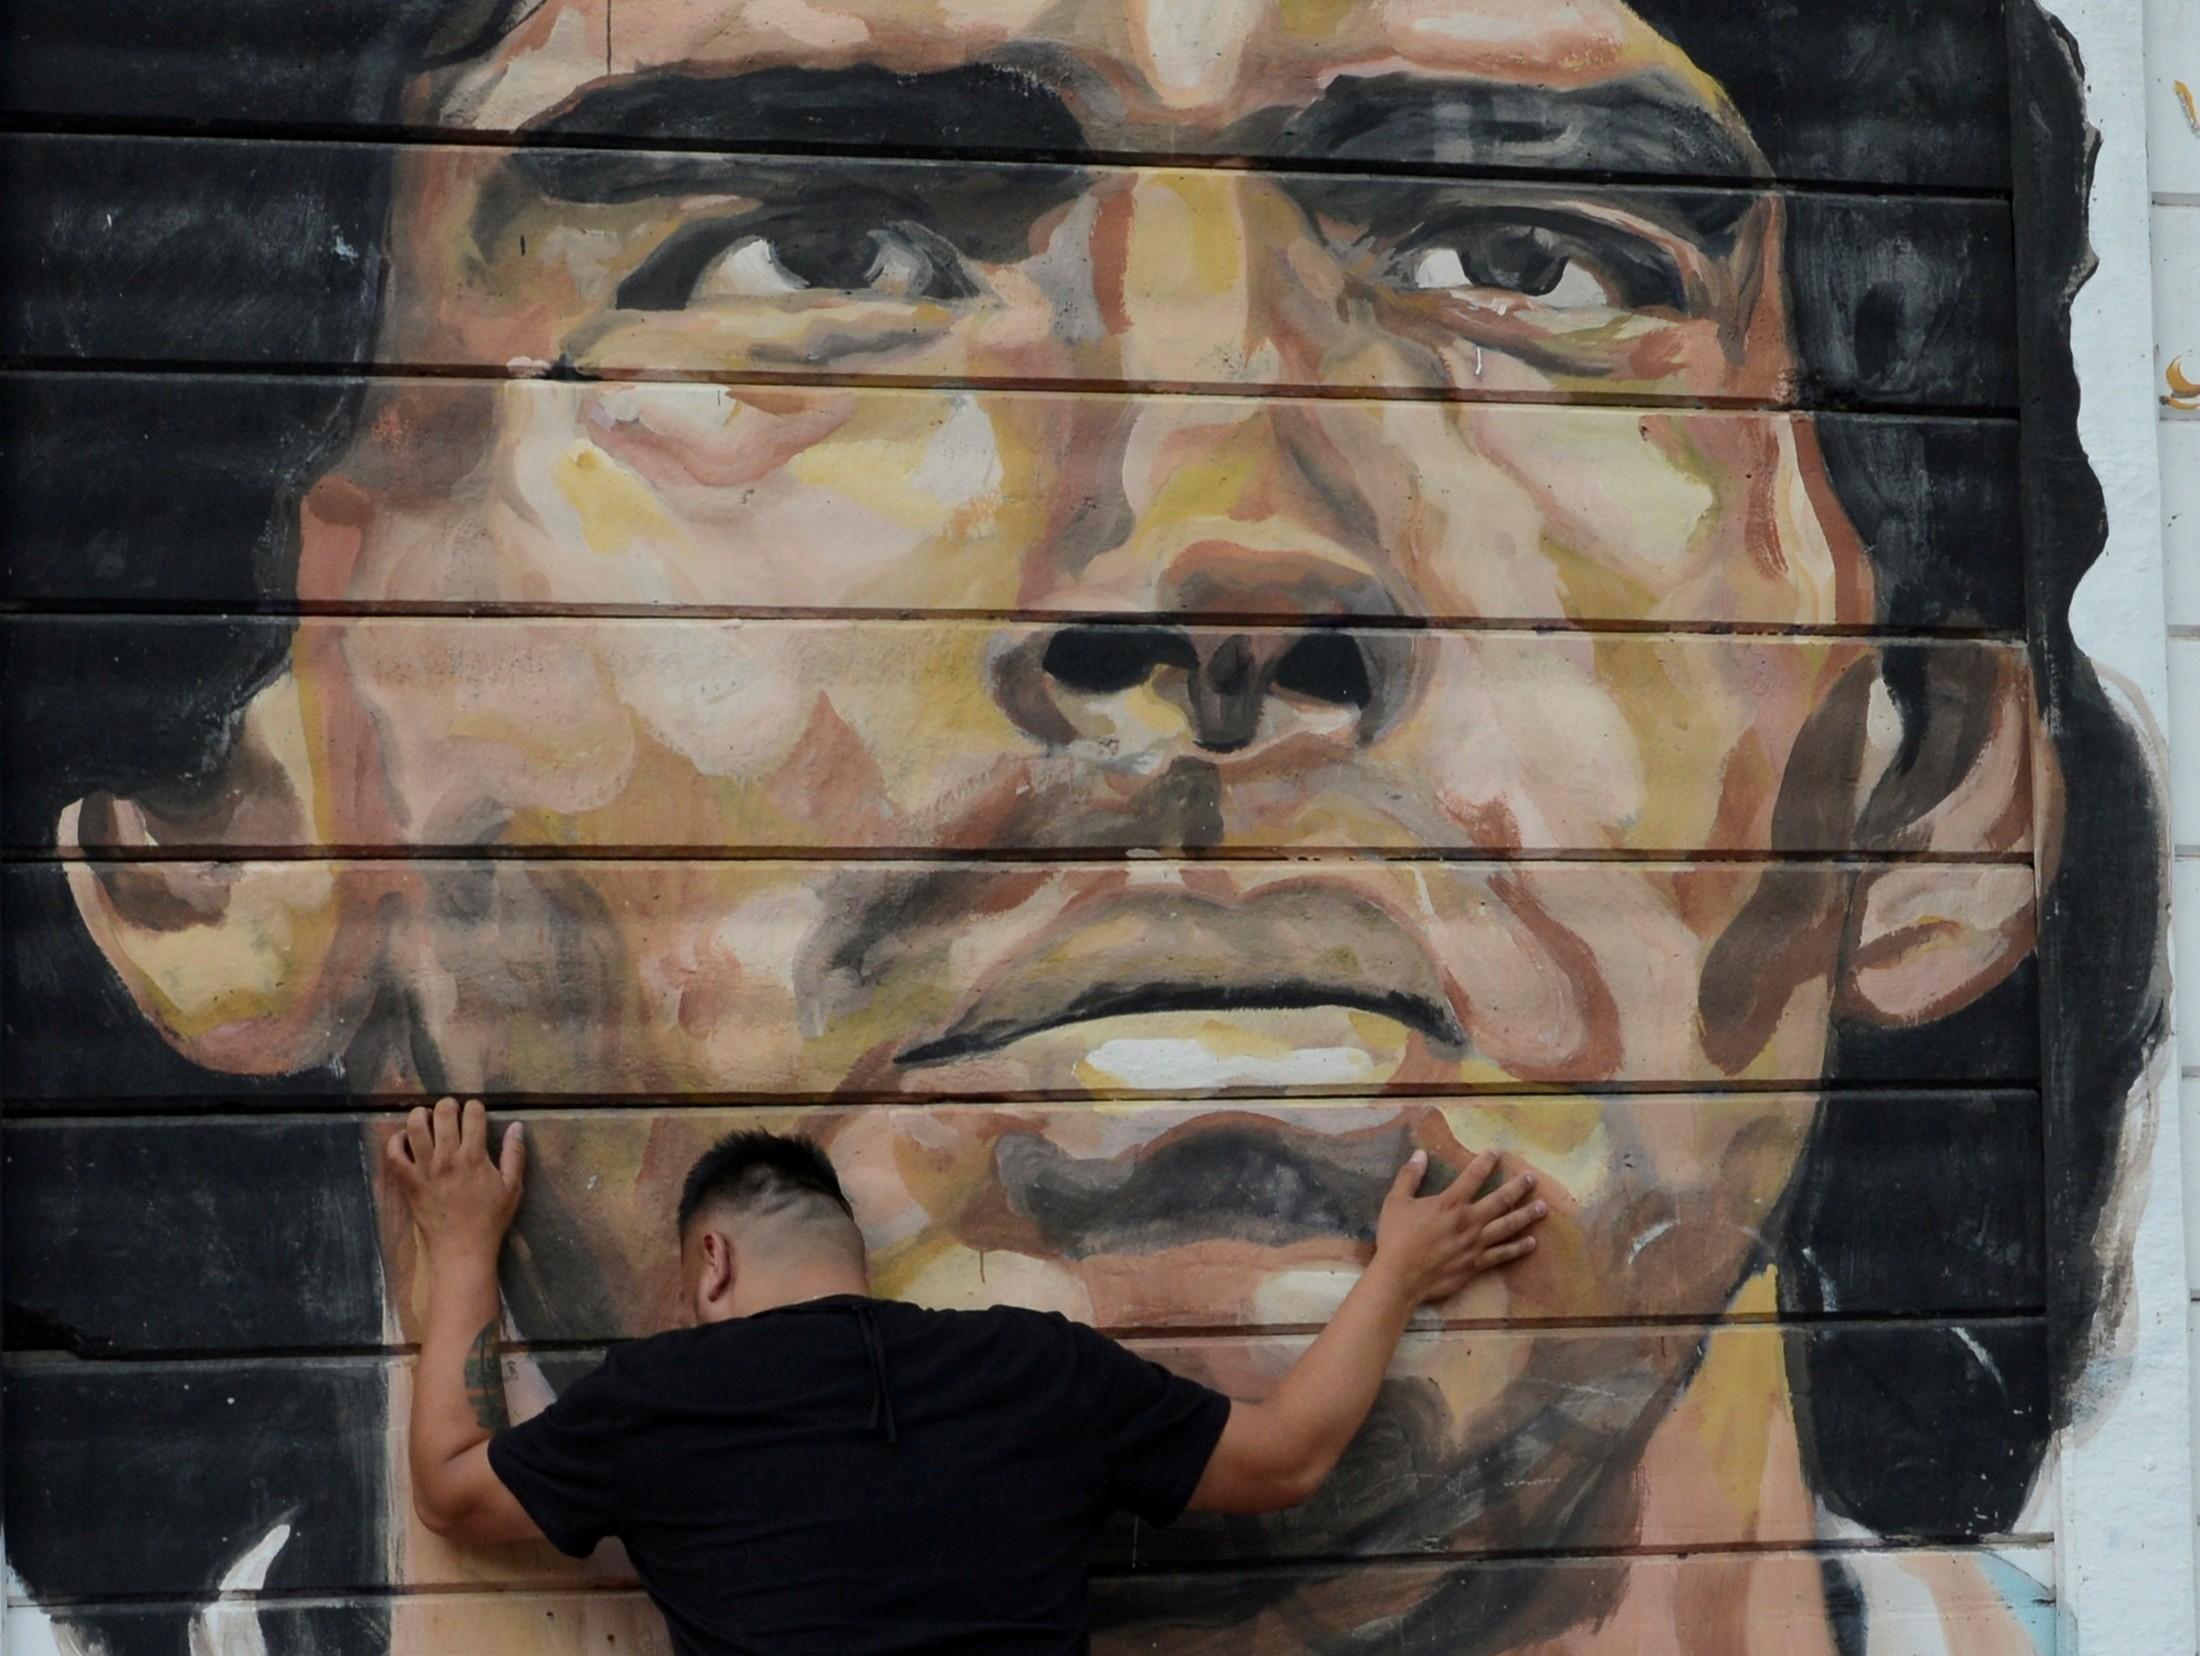 Legisladores propõem rua e circuito cultural em homenagem a Maradona em Buenos Aires